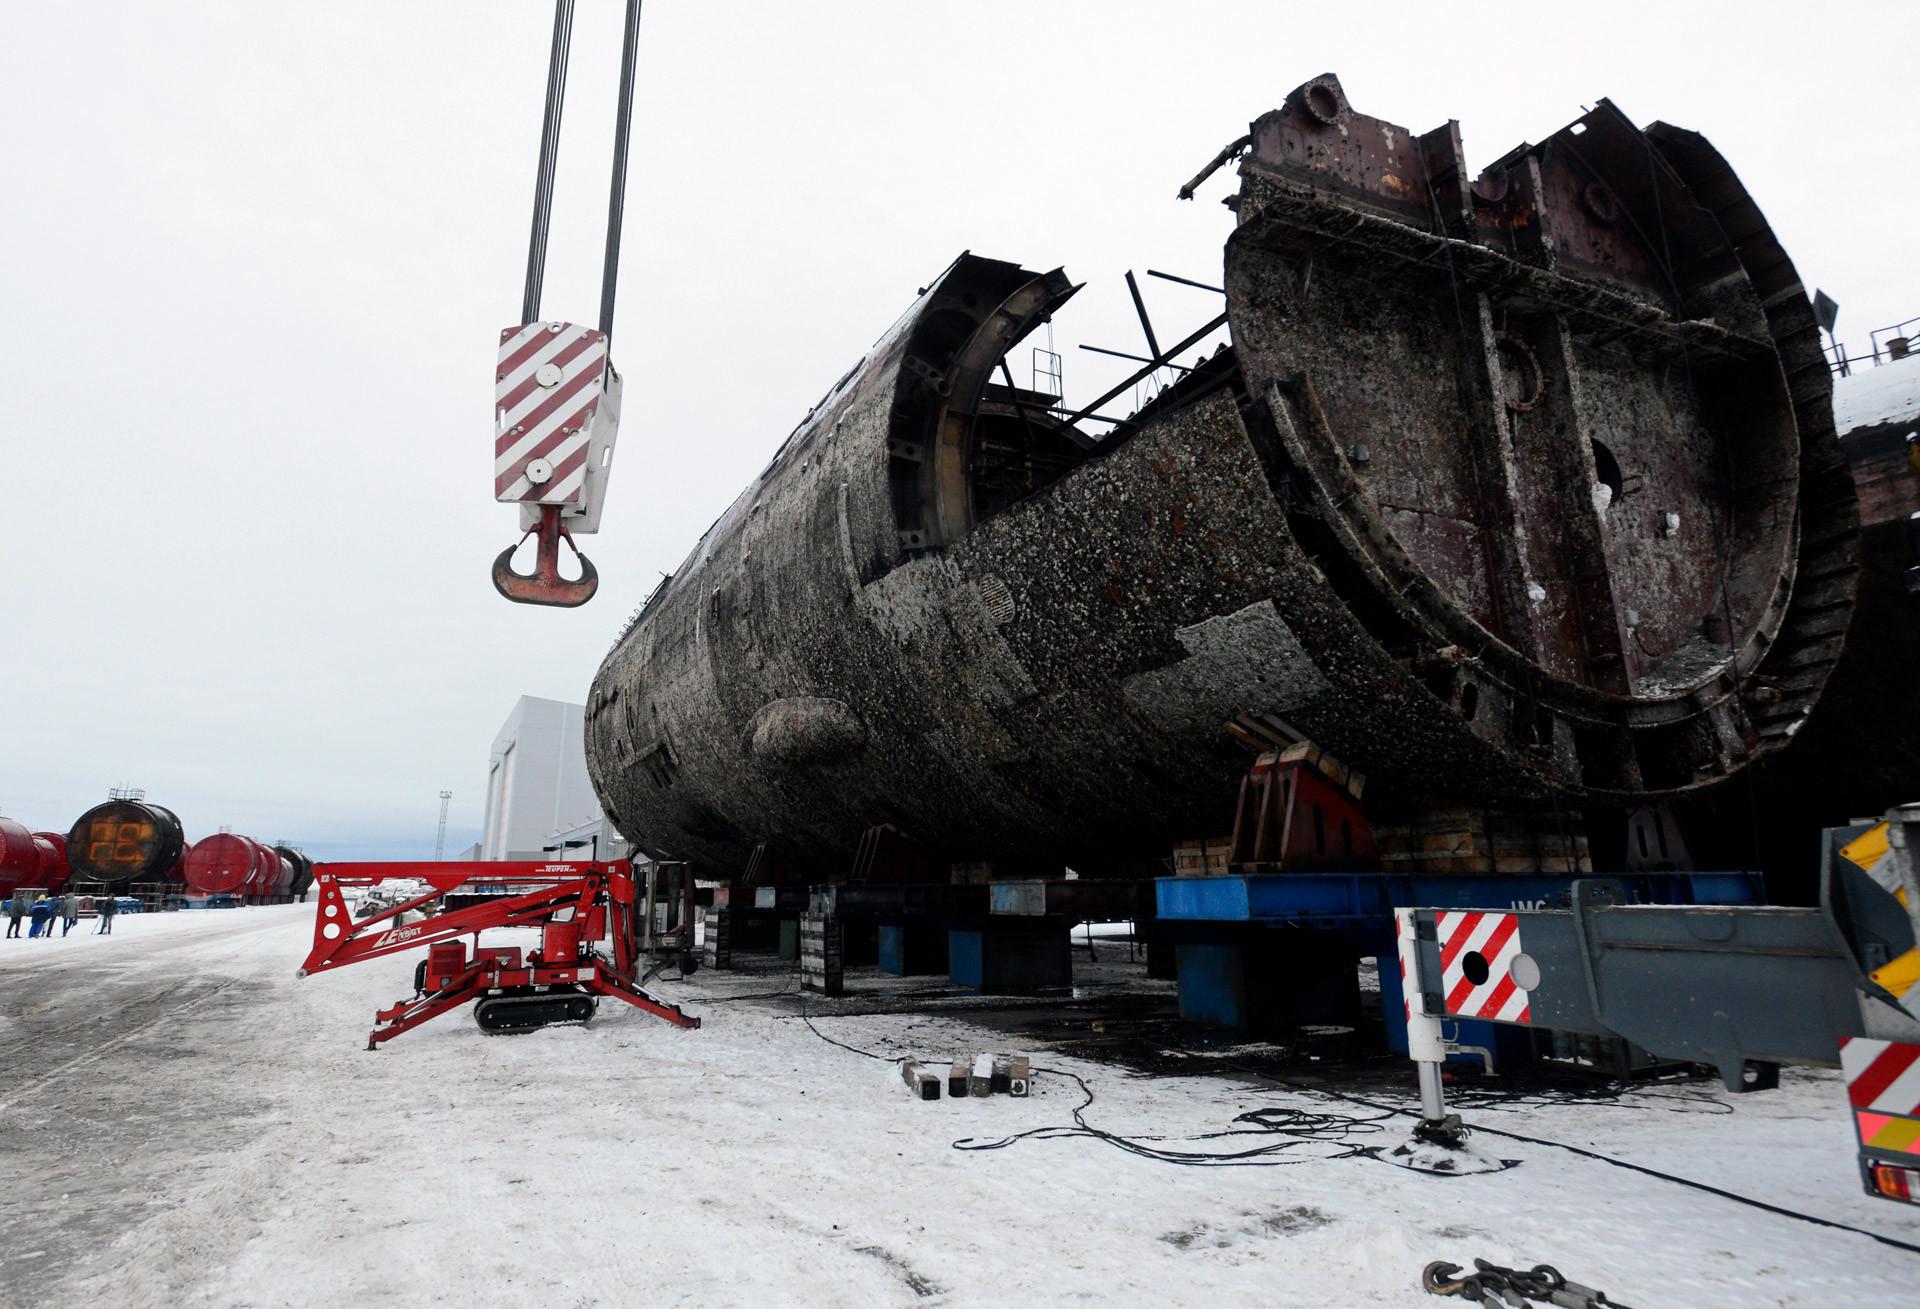 Una plataforma costera para almacenar bloques de reactores en la planta de reprocesamiento, acondicionamiento y almacenamiento de desechos radiactivos. Región de Múrmansk